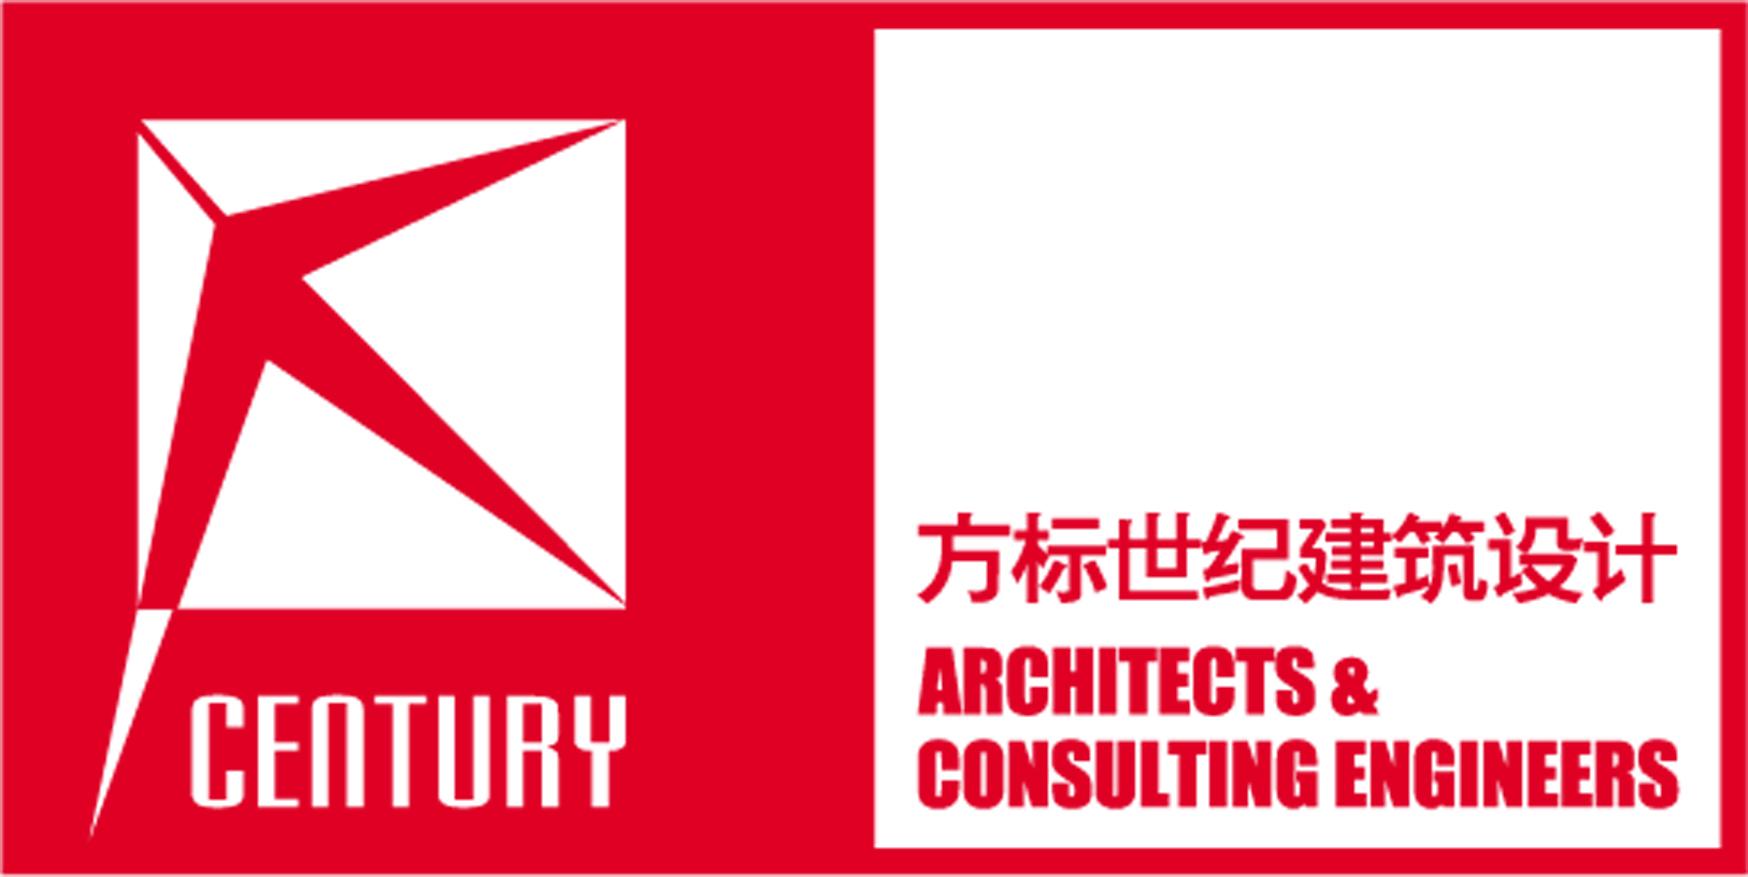 天津方标世纪规划建筑设计有限公司